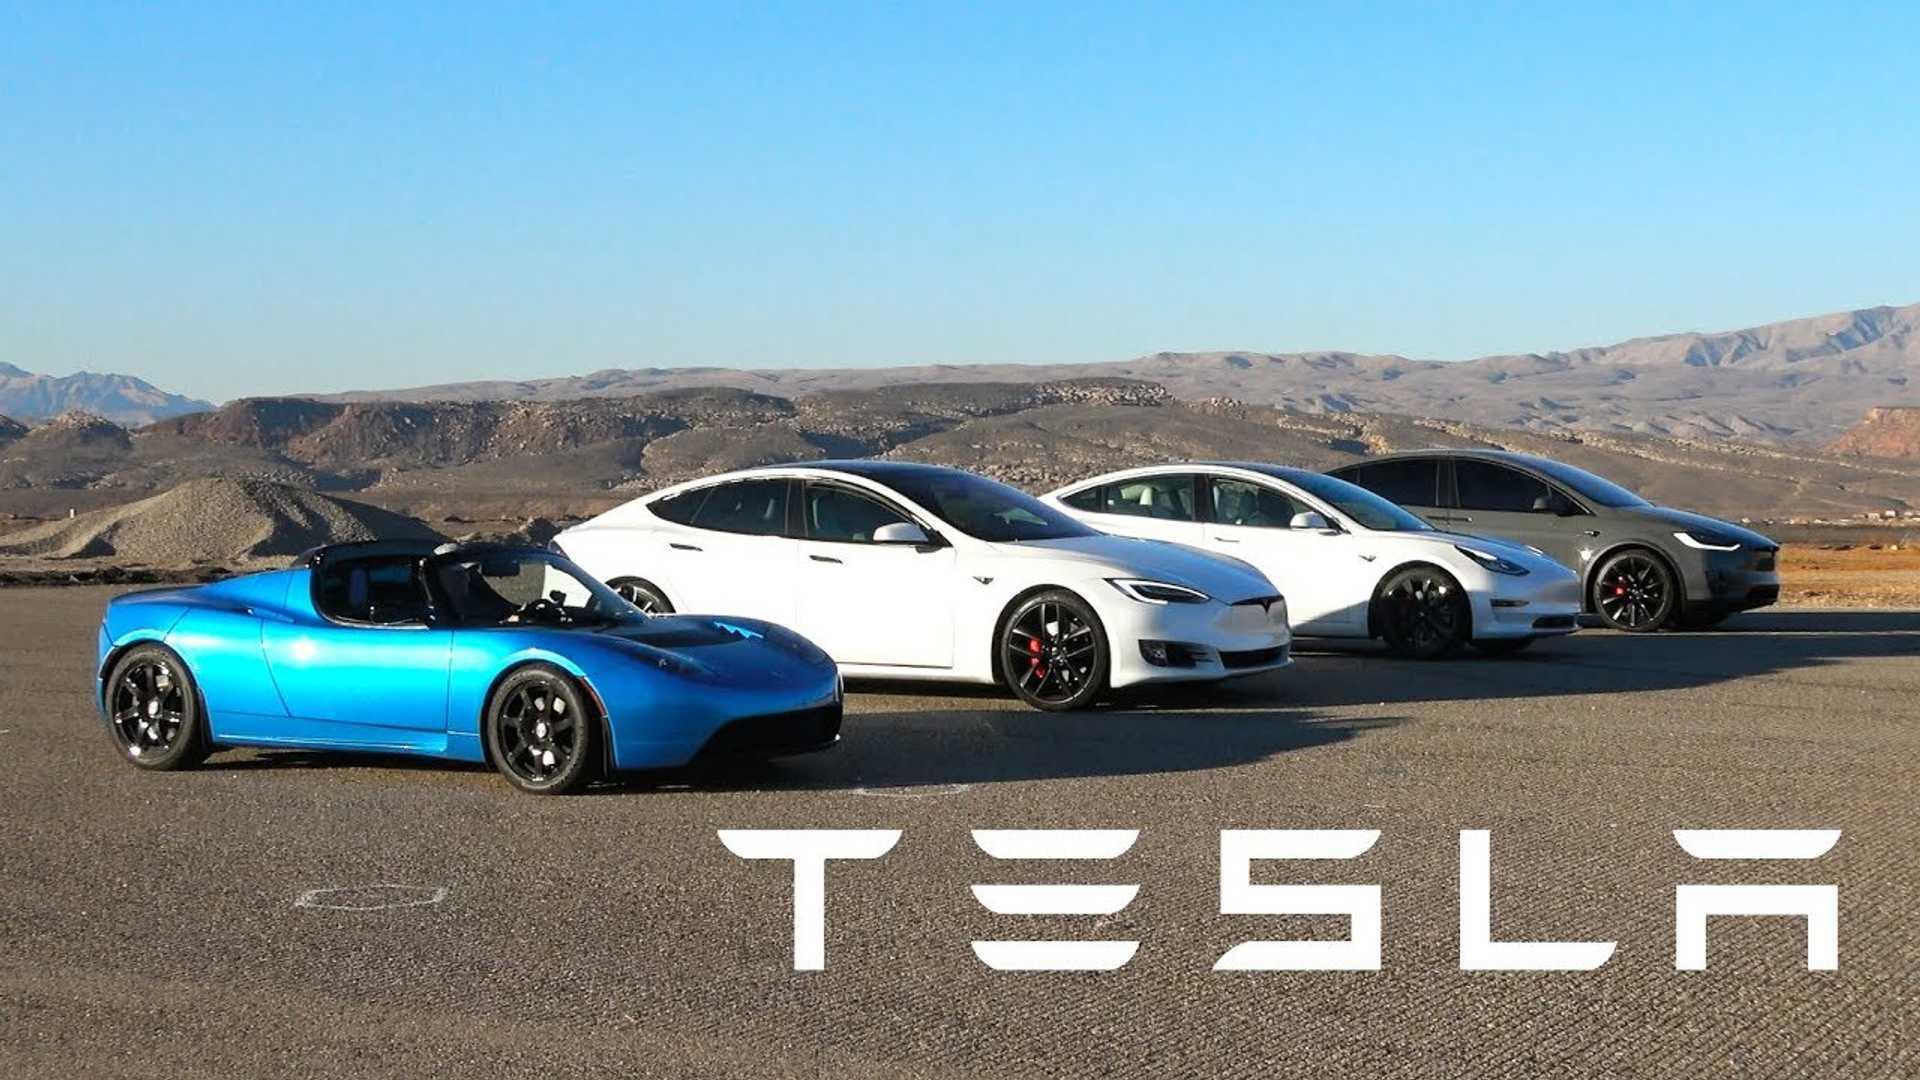 Watch World's Most Epic Tesla Race: Model S, 3, X & Roadster